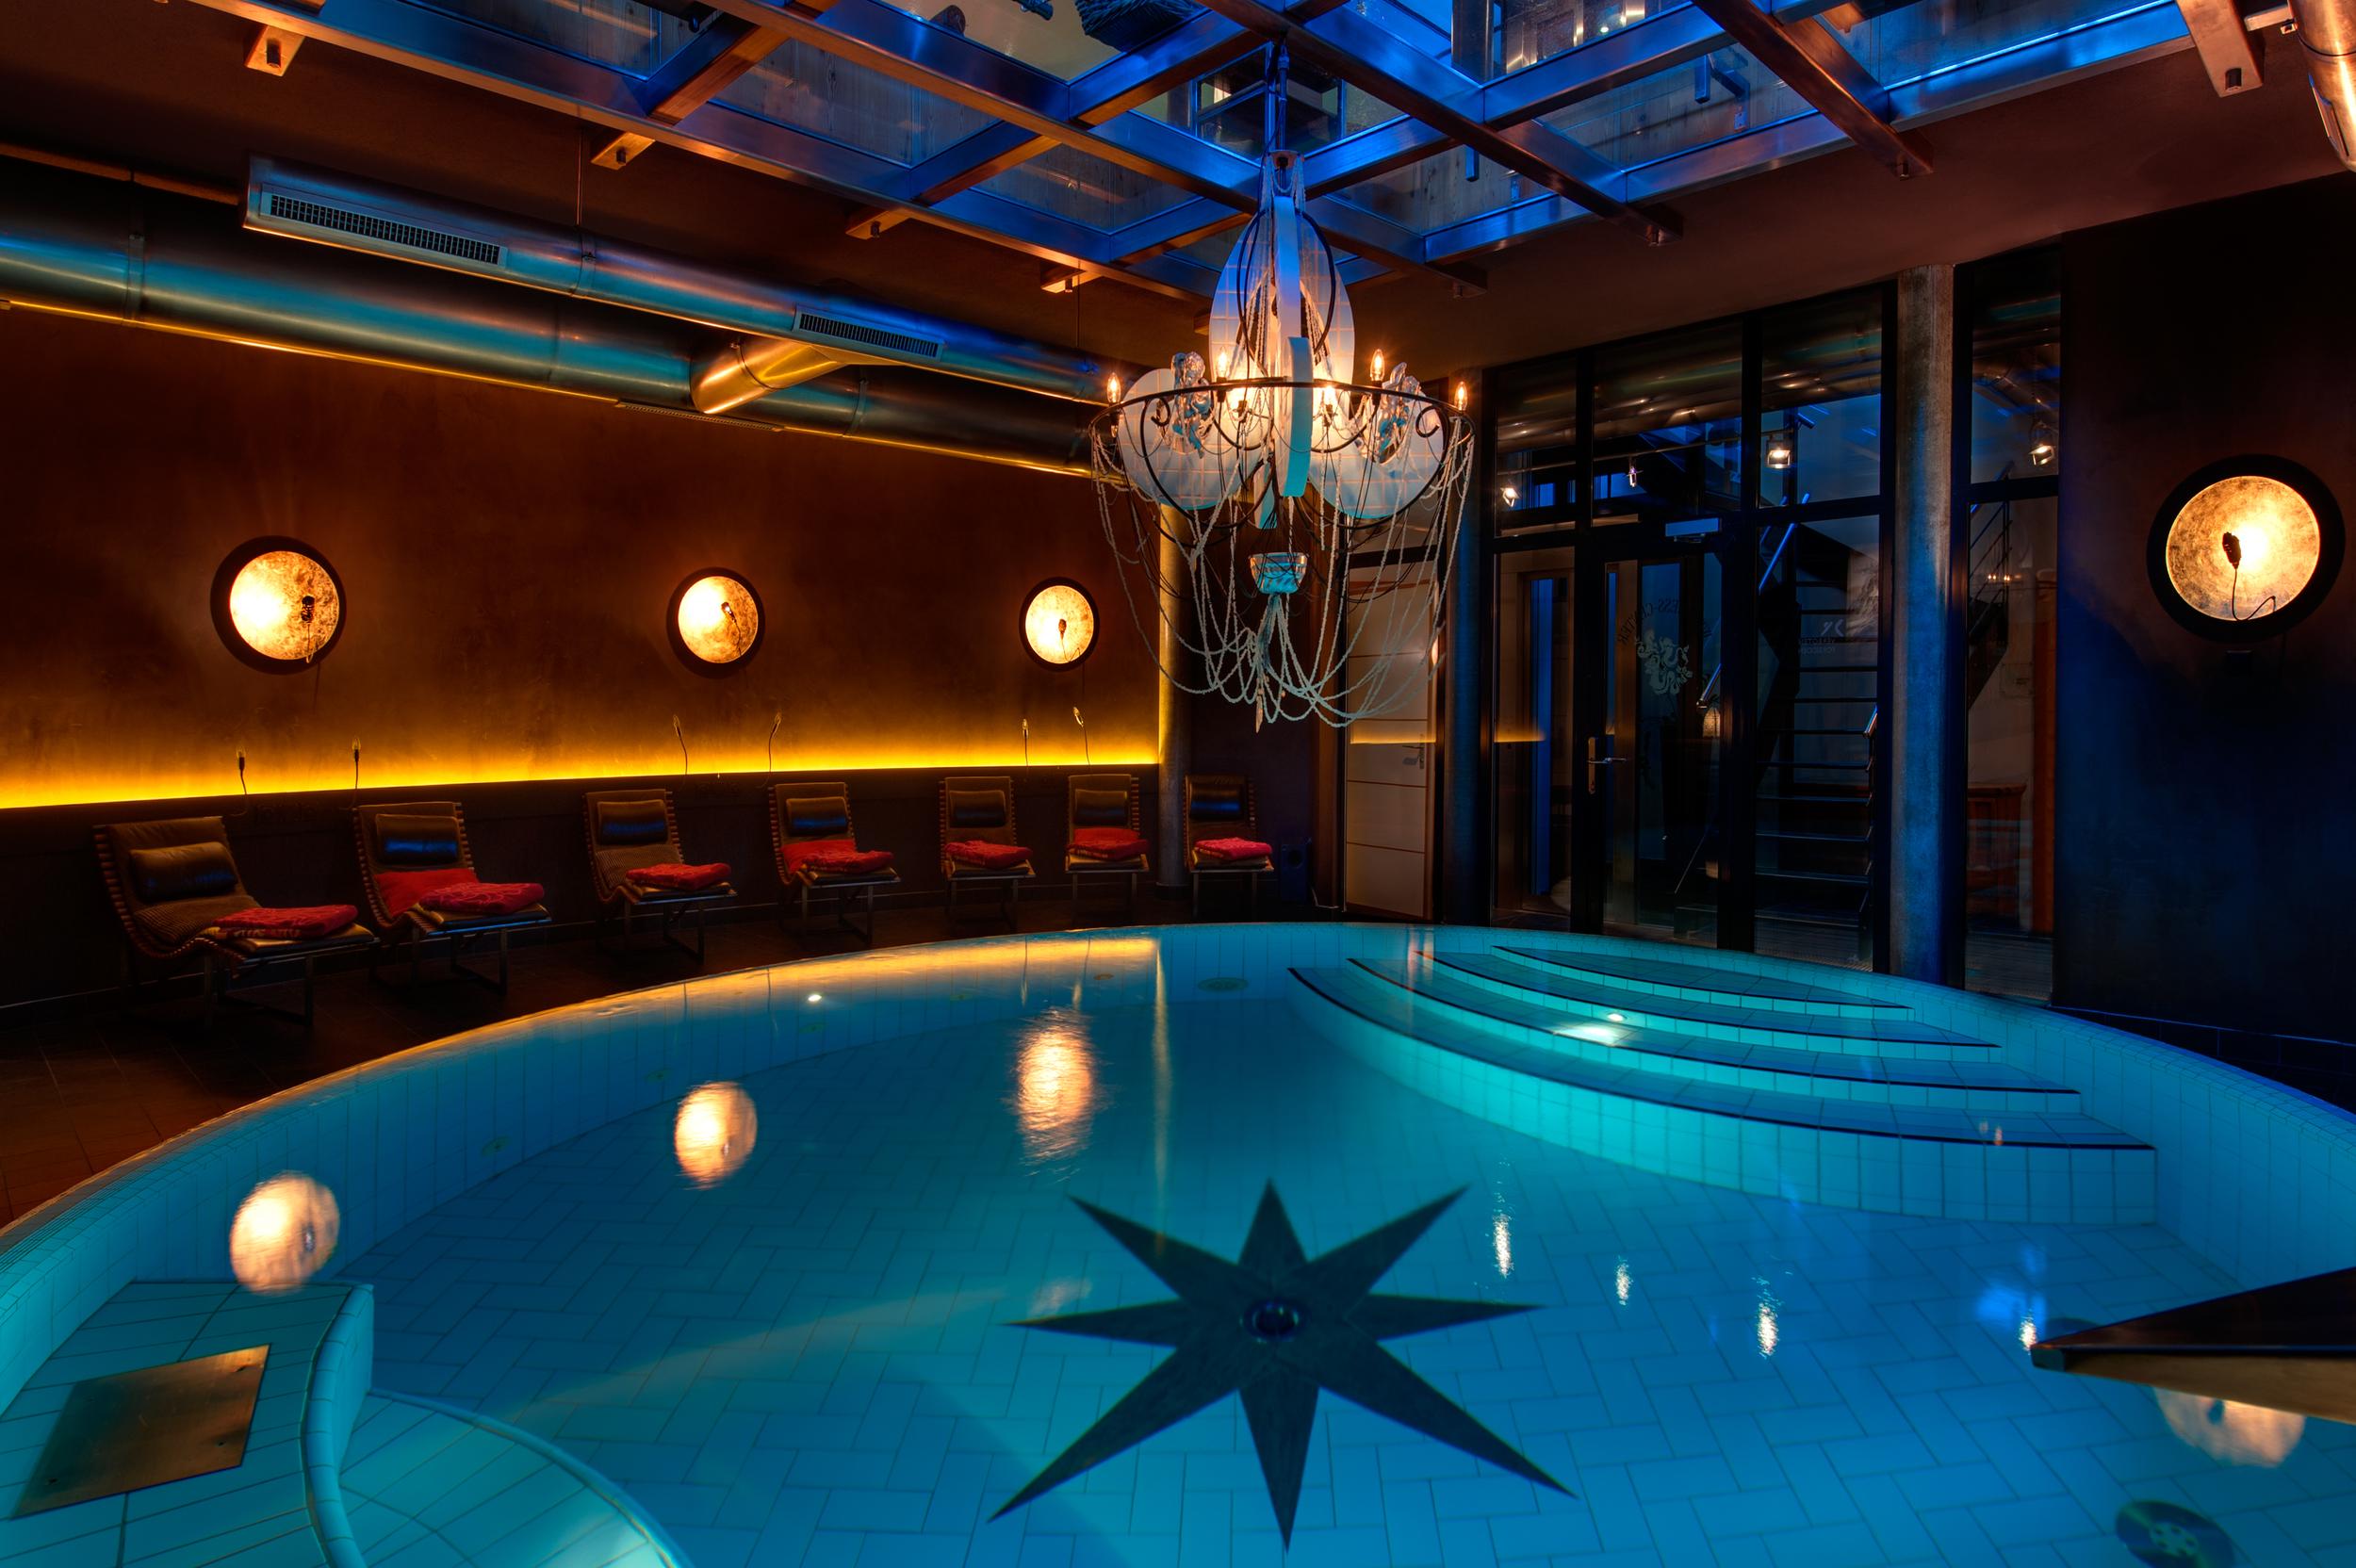 Hotel Coeur Des Alpes 2013 005b copy.jpg